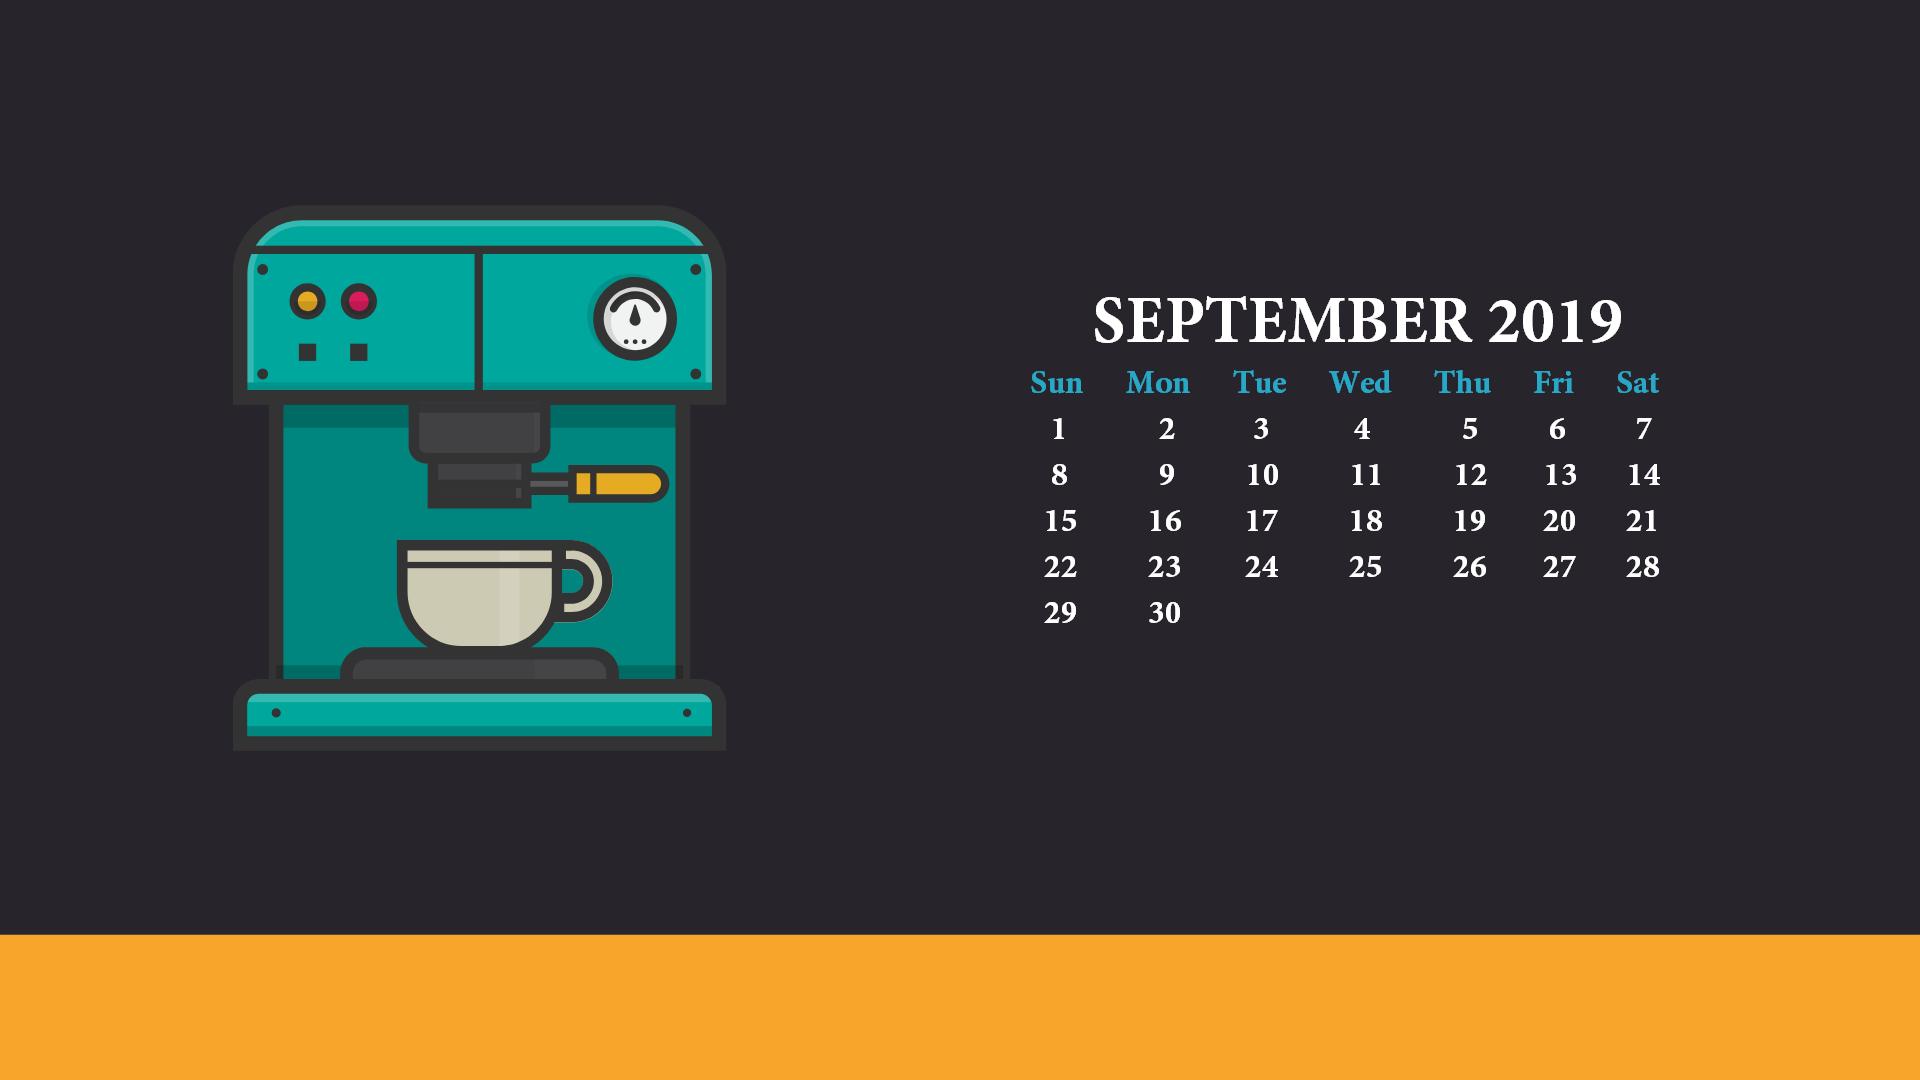 September 2019 Calendar Desktop Wallpaper 1920x1080